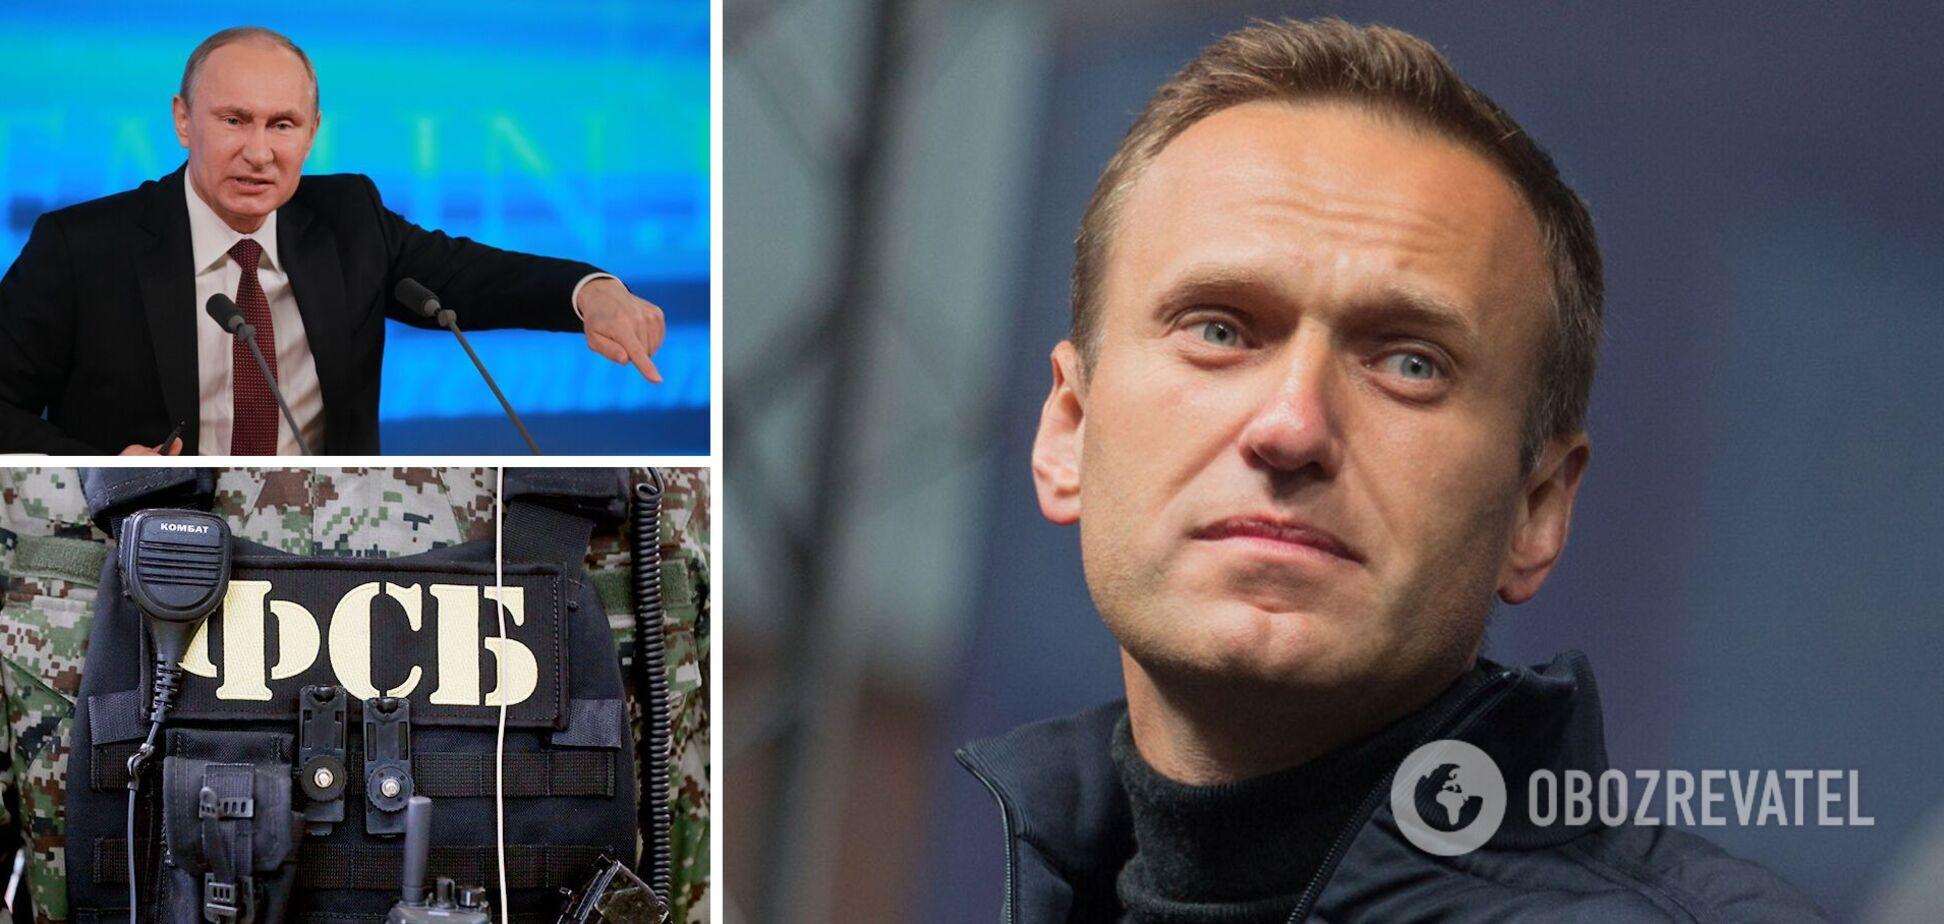 Обухов: за спиной Навального стоят генералы ФСБ и их миллиарды, он раскачивает лодку Путина